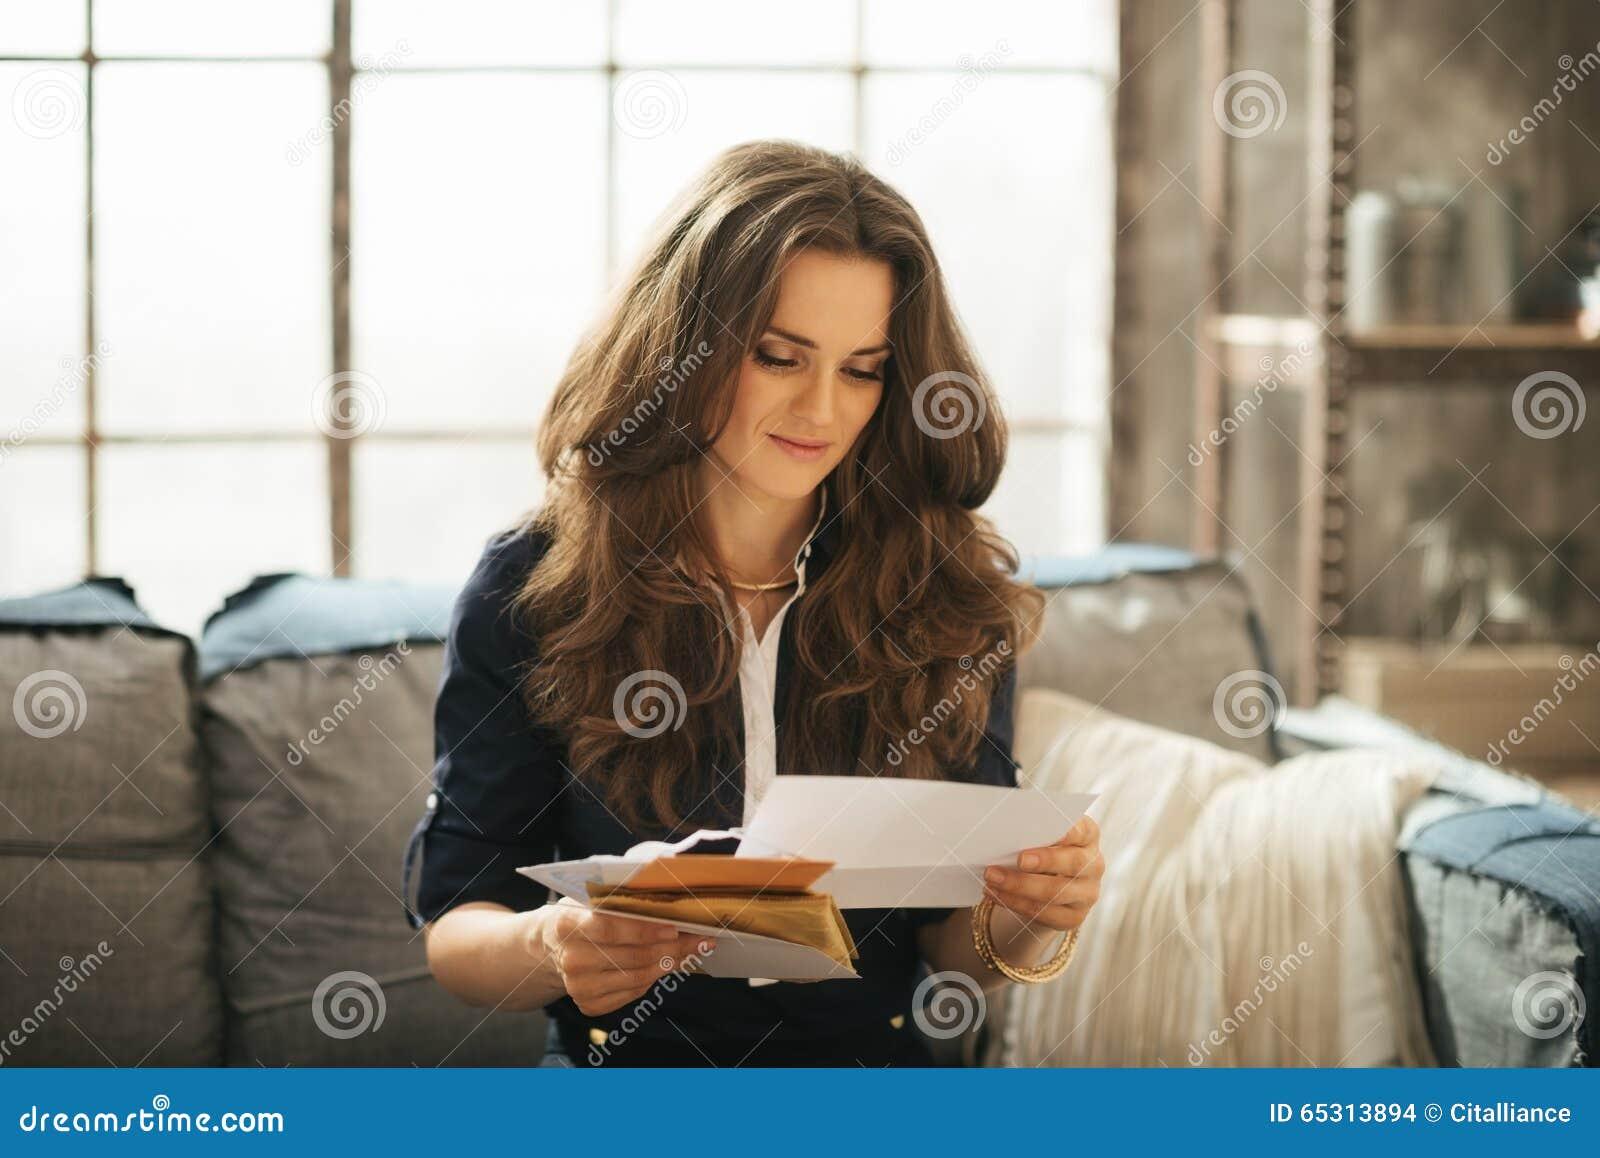 La donna elegante sta sedendosi sullo strato e sta leggendo la corrispondenza